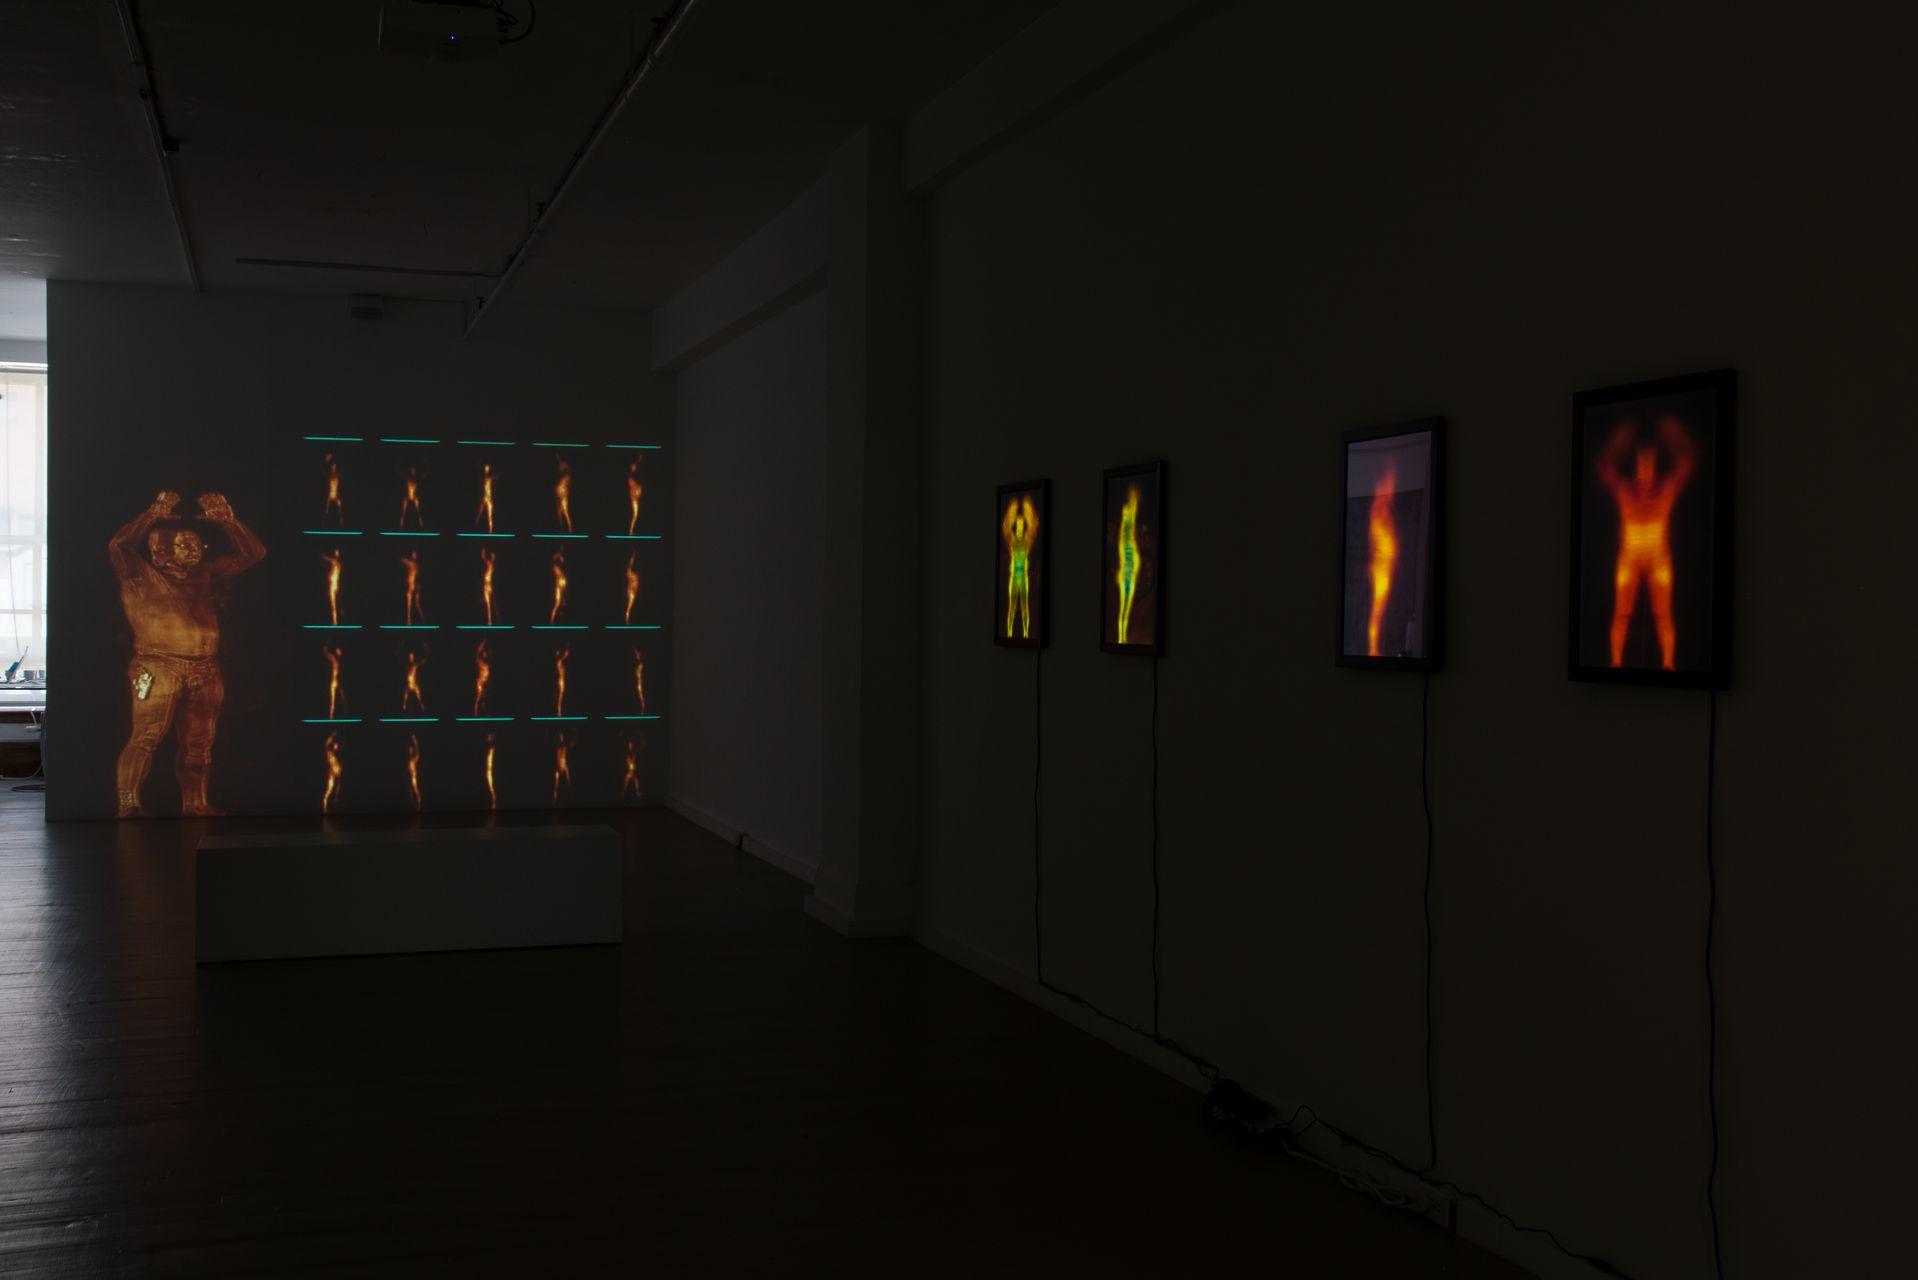 Matthew Biederman: Exhibitions in Summer 2018